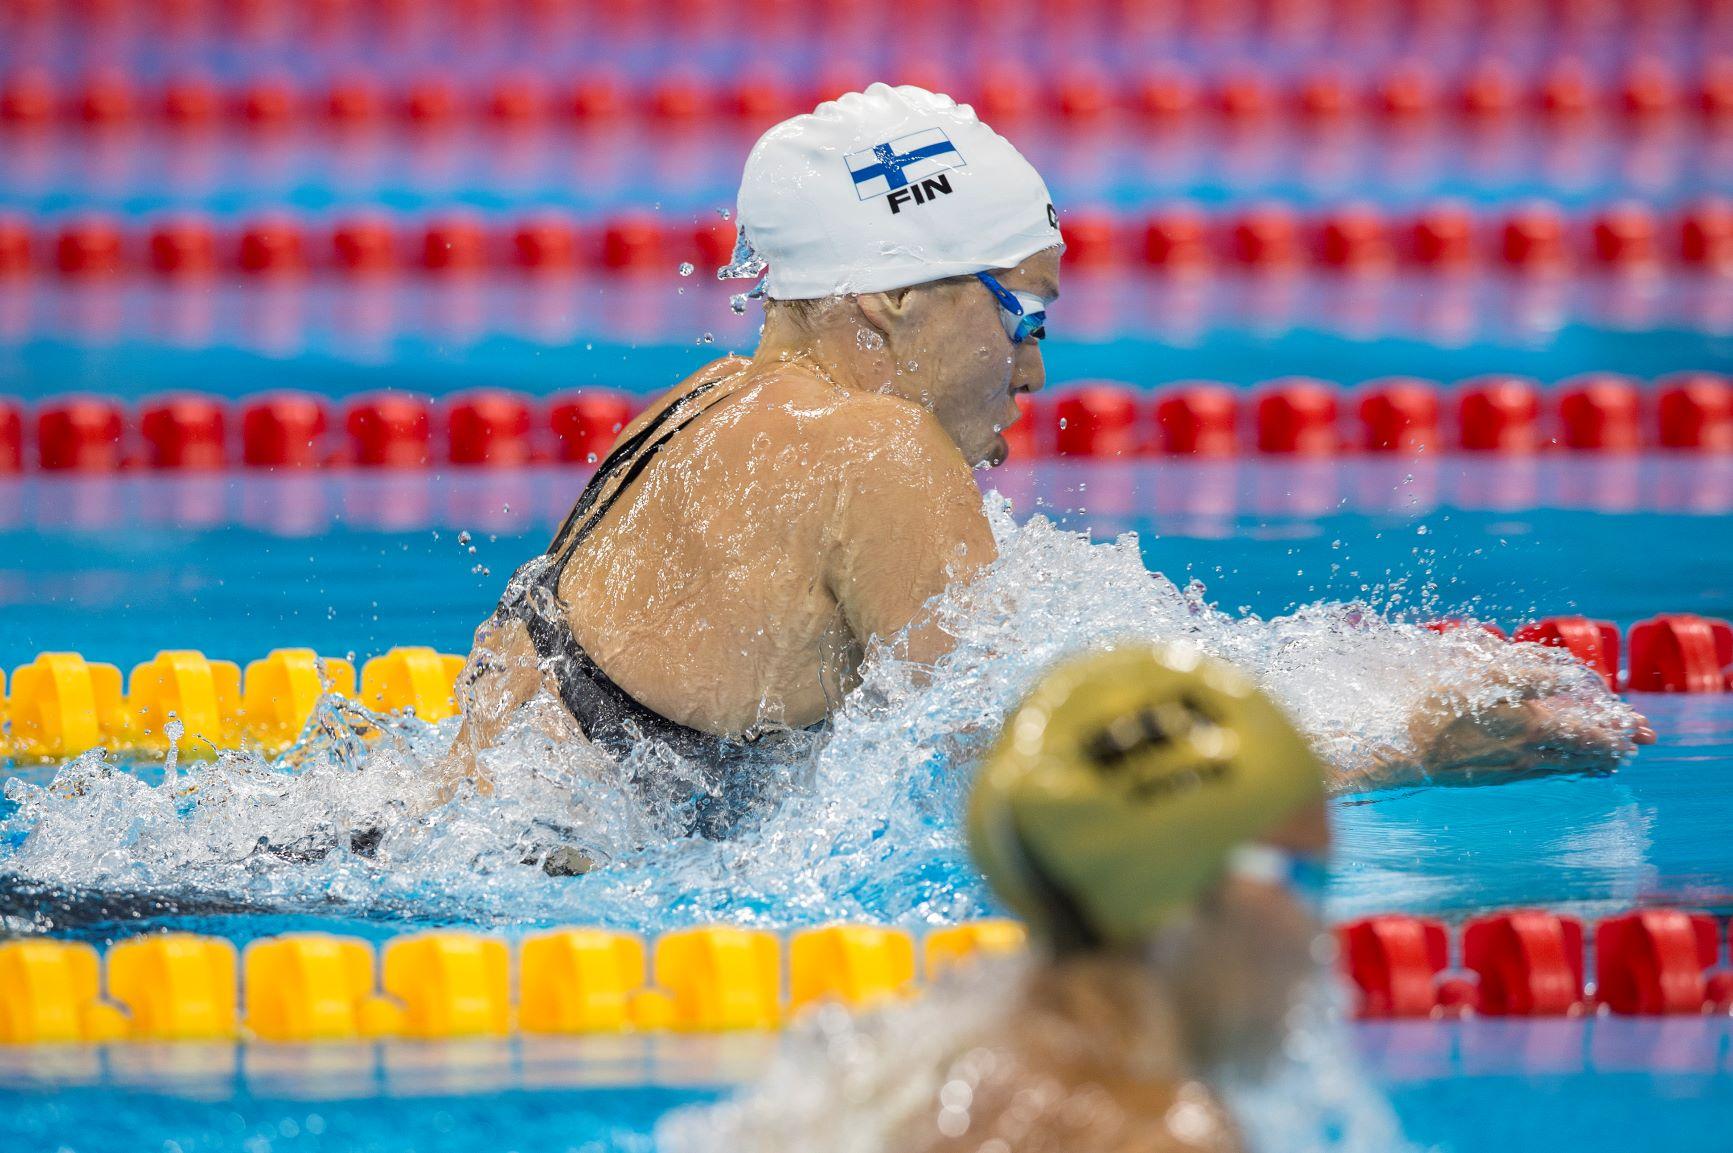 Kaksi uimaria ui rintauintia uintiradoillaan